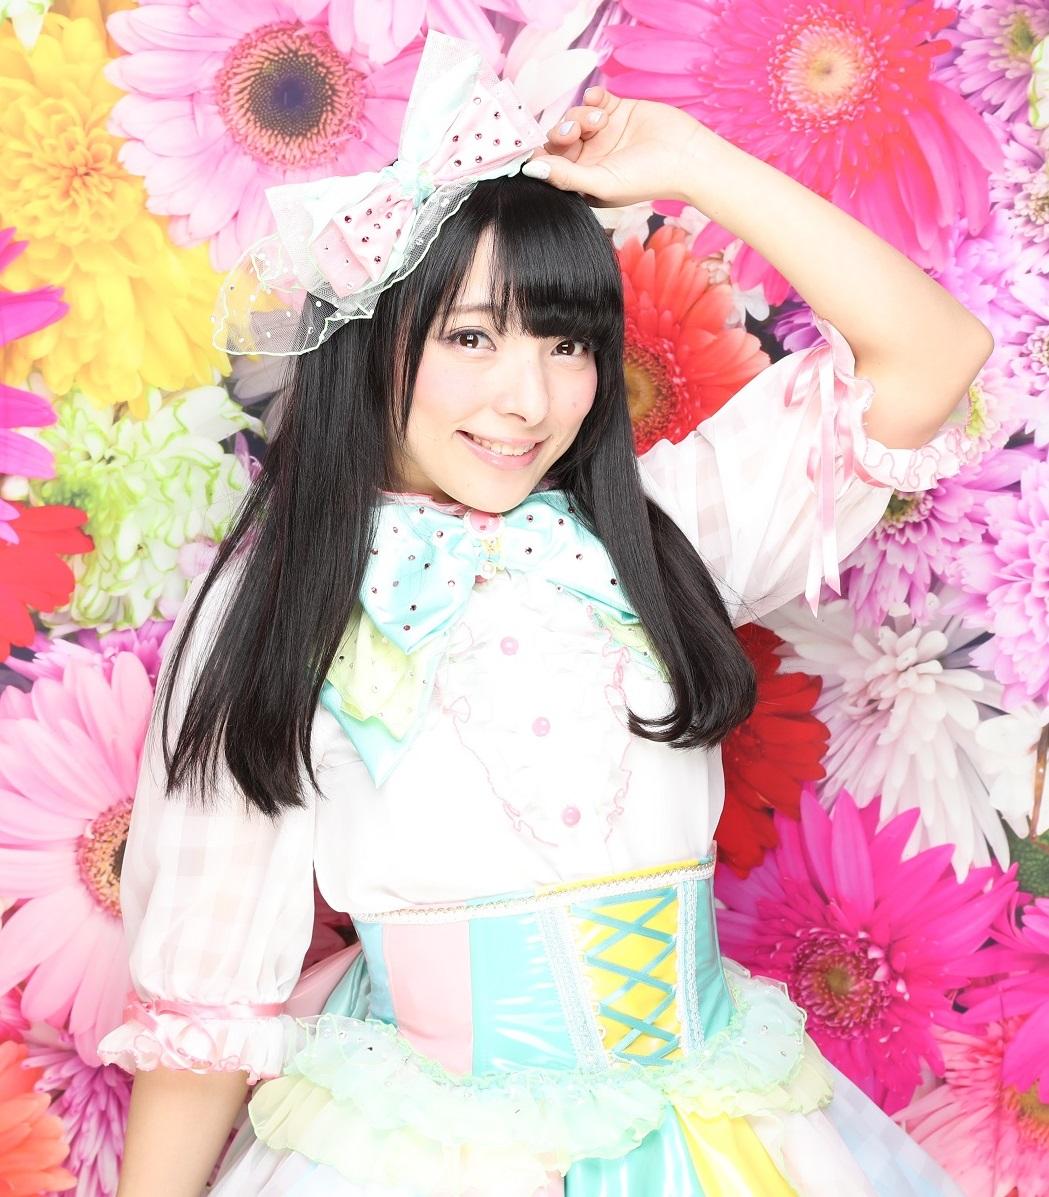 鈴音ひとみ定期公演【にゃんBOX☆ Vol.8】第1部・PREMIUM個人撮影会